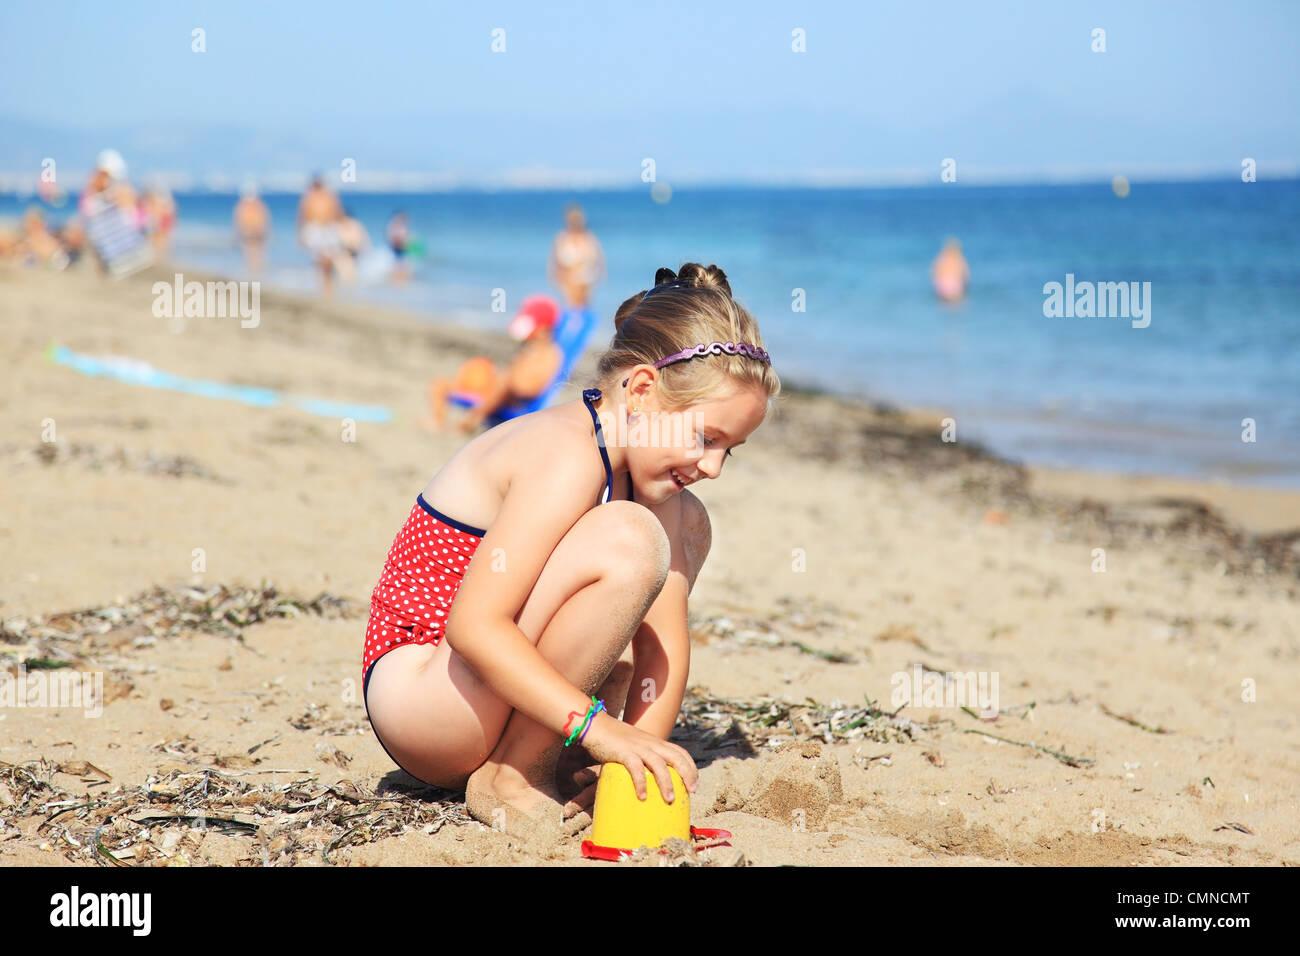 Kinder spielen mit Kunststoff-Spielzeug am Strand Stockbild